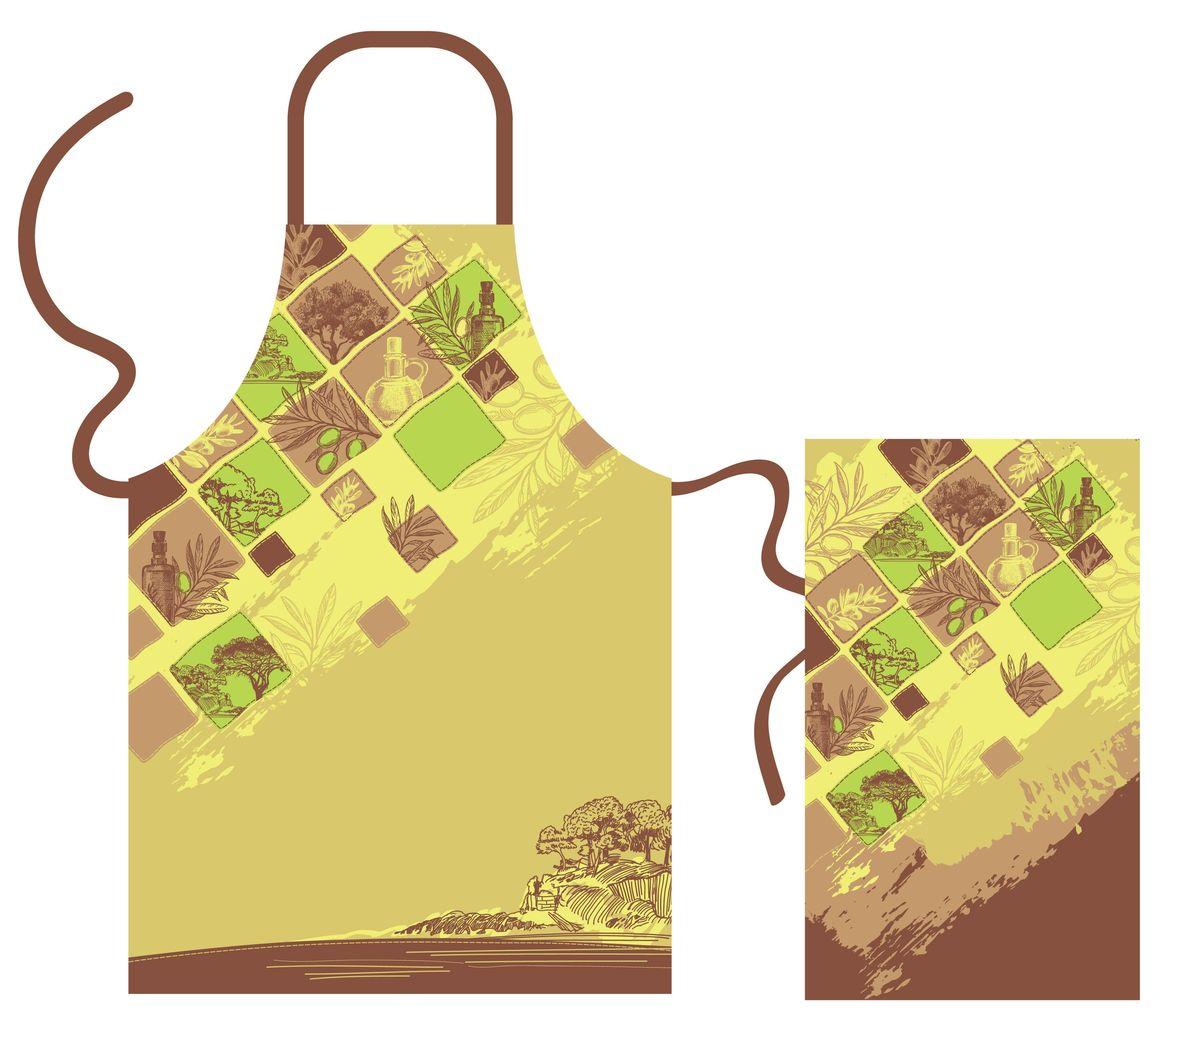 Набор кухонного текстиля Olive dreamSS 4041Набор кухонного текстиля выполнен из хлопка и украшен оригинальным принтом в оливковых и коричневых оттенках. 100% хлопок